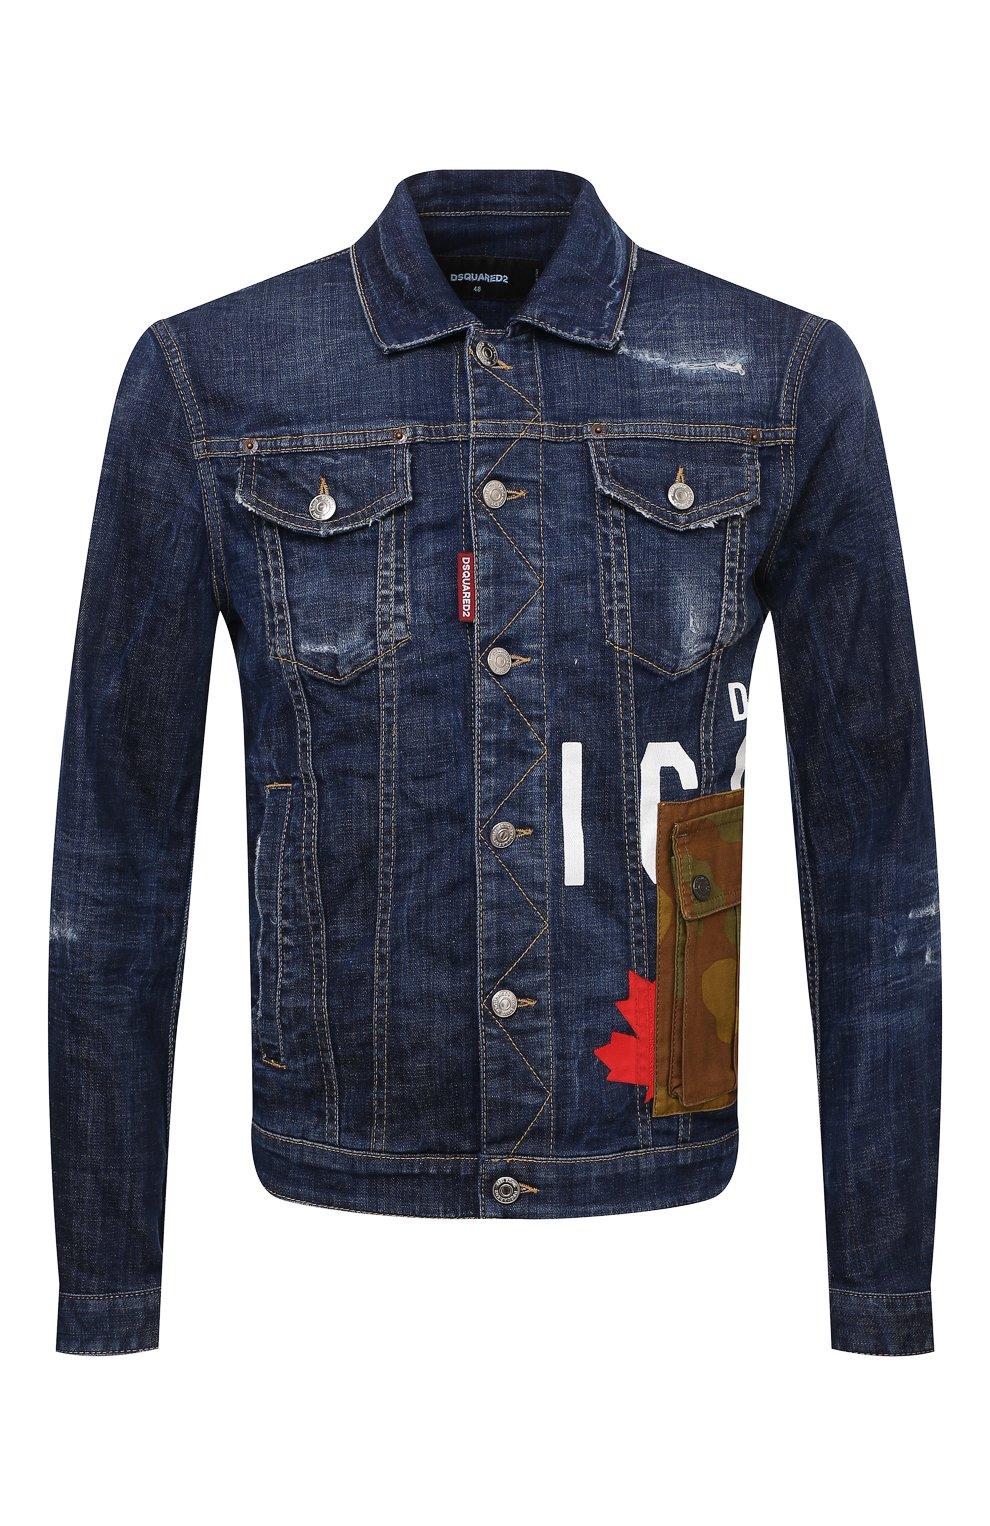 Мужская джинсовая куртка DSQUARED2 синего цвета, арт. S79AM0024/S30342   Фото 1 (Кросс-КТ: Куртка, Деним; Рукава: Длинные; Стили: Гранж; Материал внешний: Хлопок; Длина (верхняя одежда): Короткие)